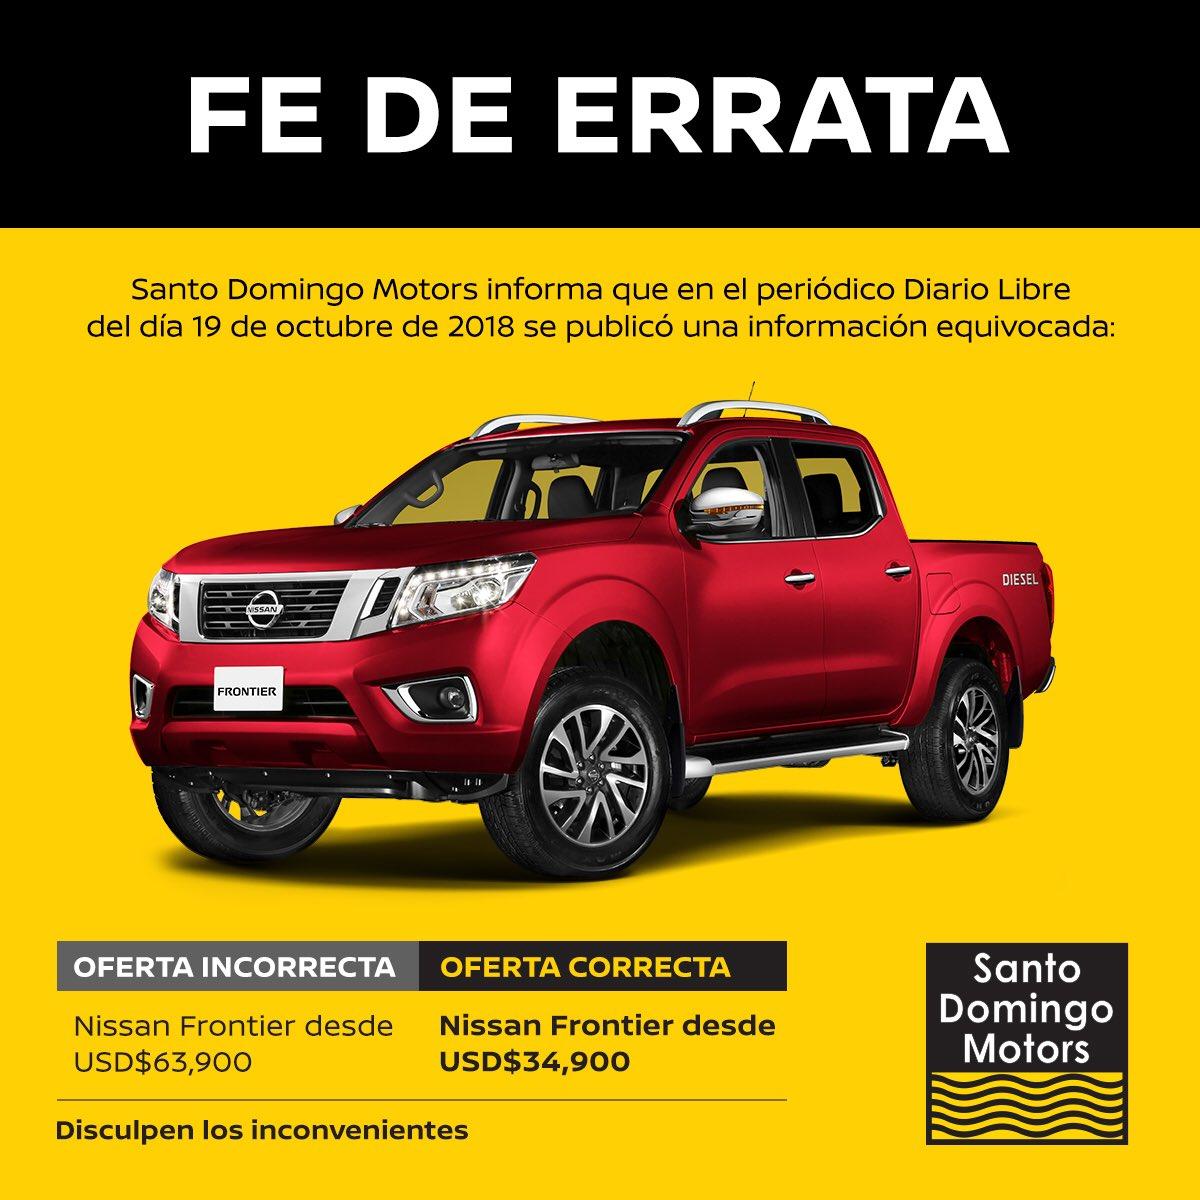 Santo Domingo Motors informa que en el periodico @diariolibre del 19 de octubre de 2018 se publicó una información equivocada: la Oferta de la Nissan ...